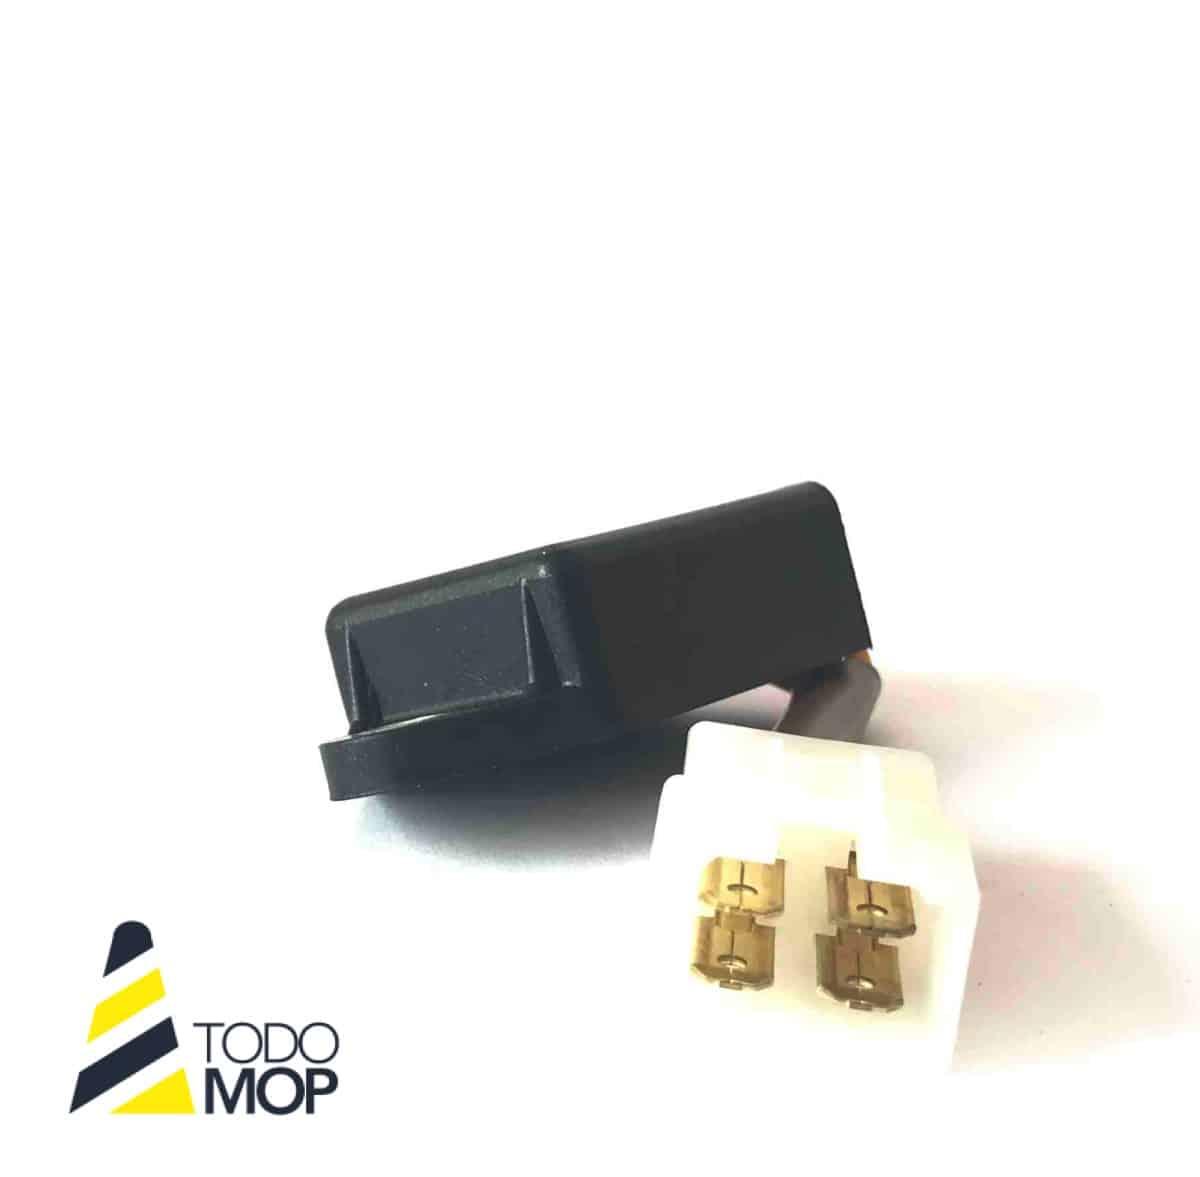 RELE TEMPORIZADOR YANMAR TAKEUCHI TB015/TB025/TB135/TB145